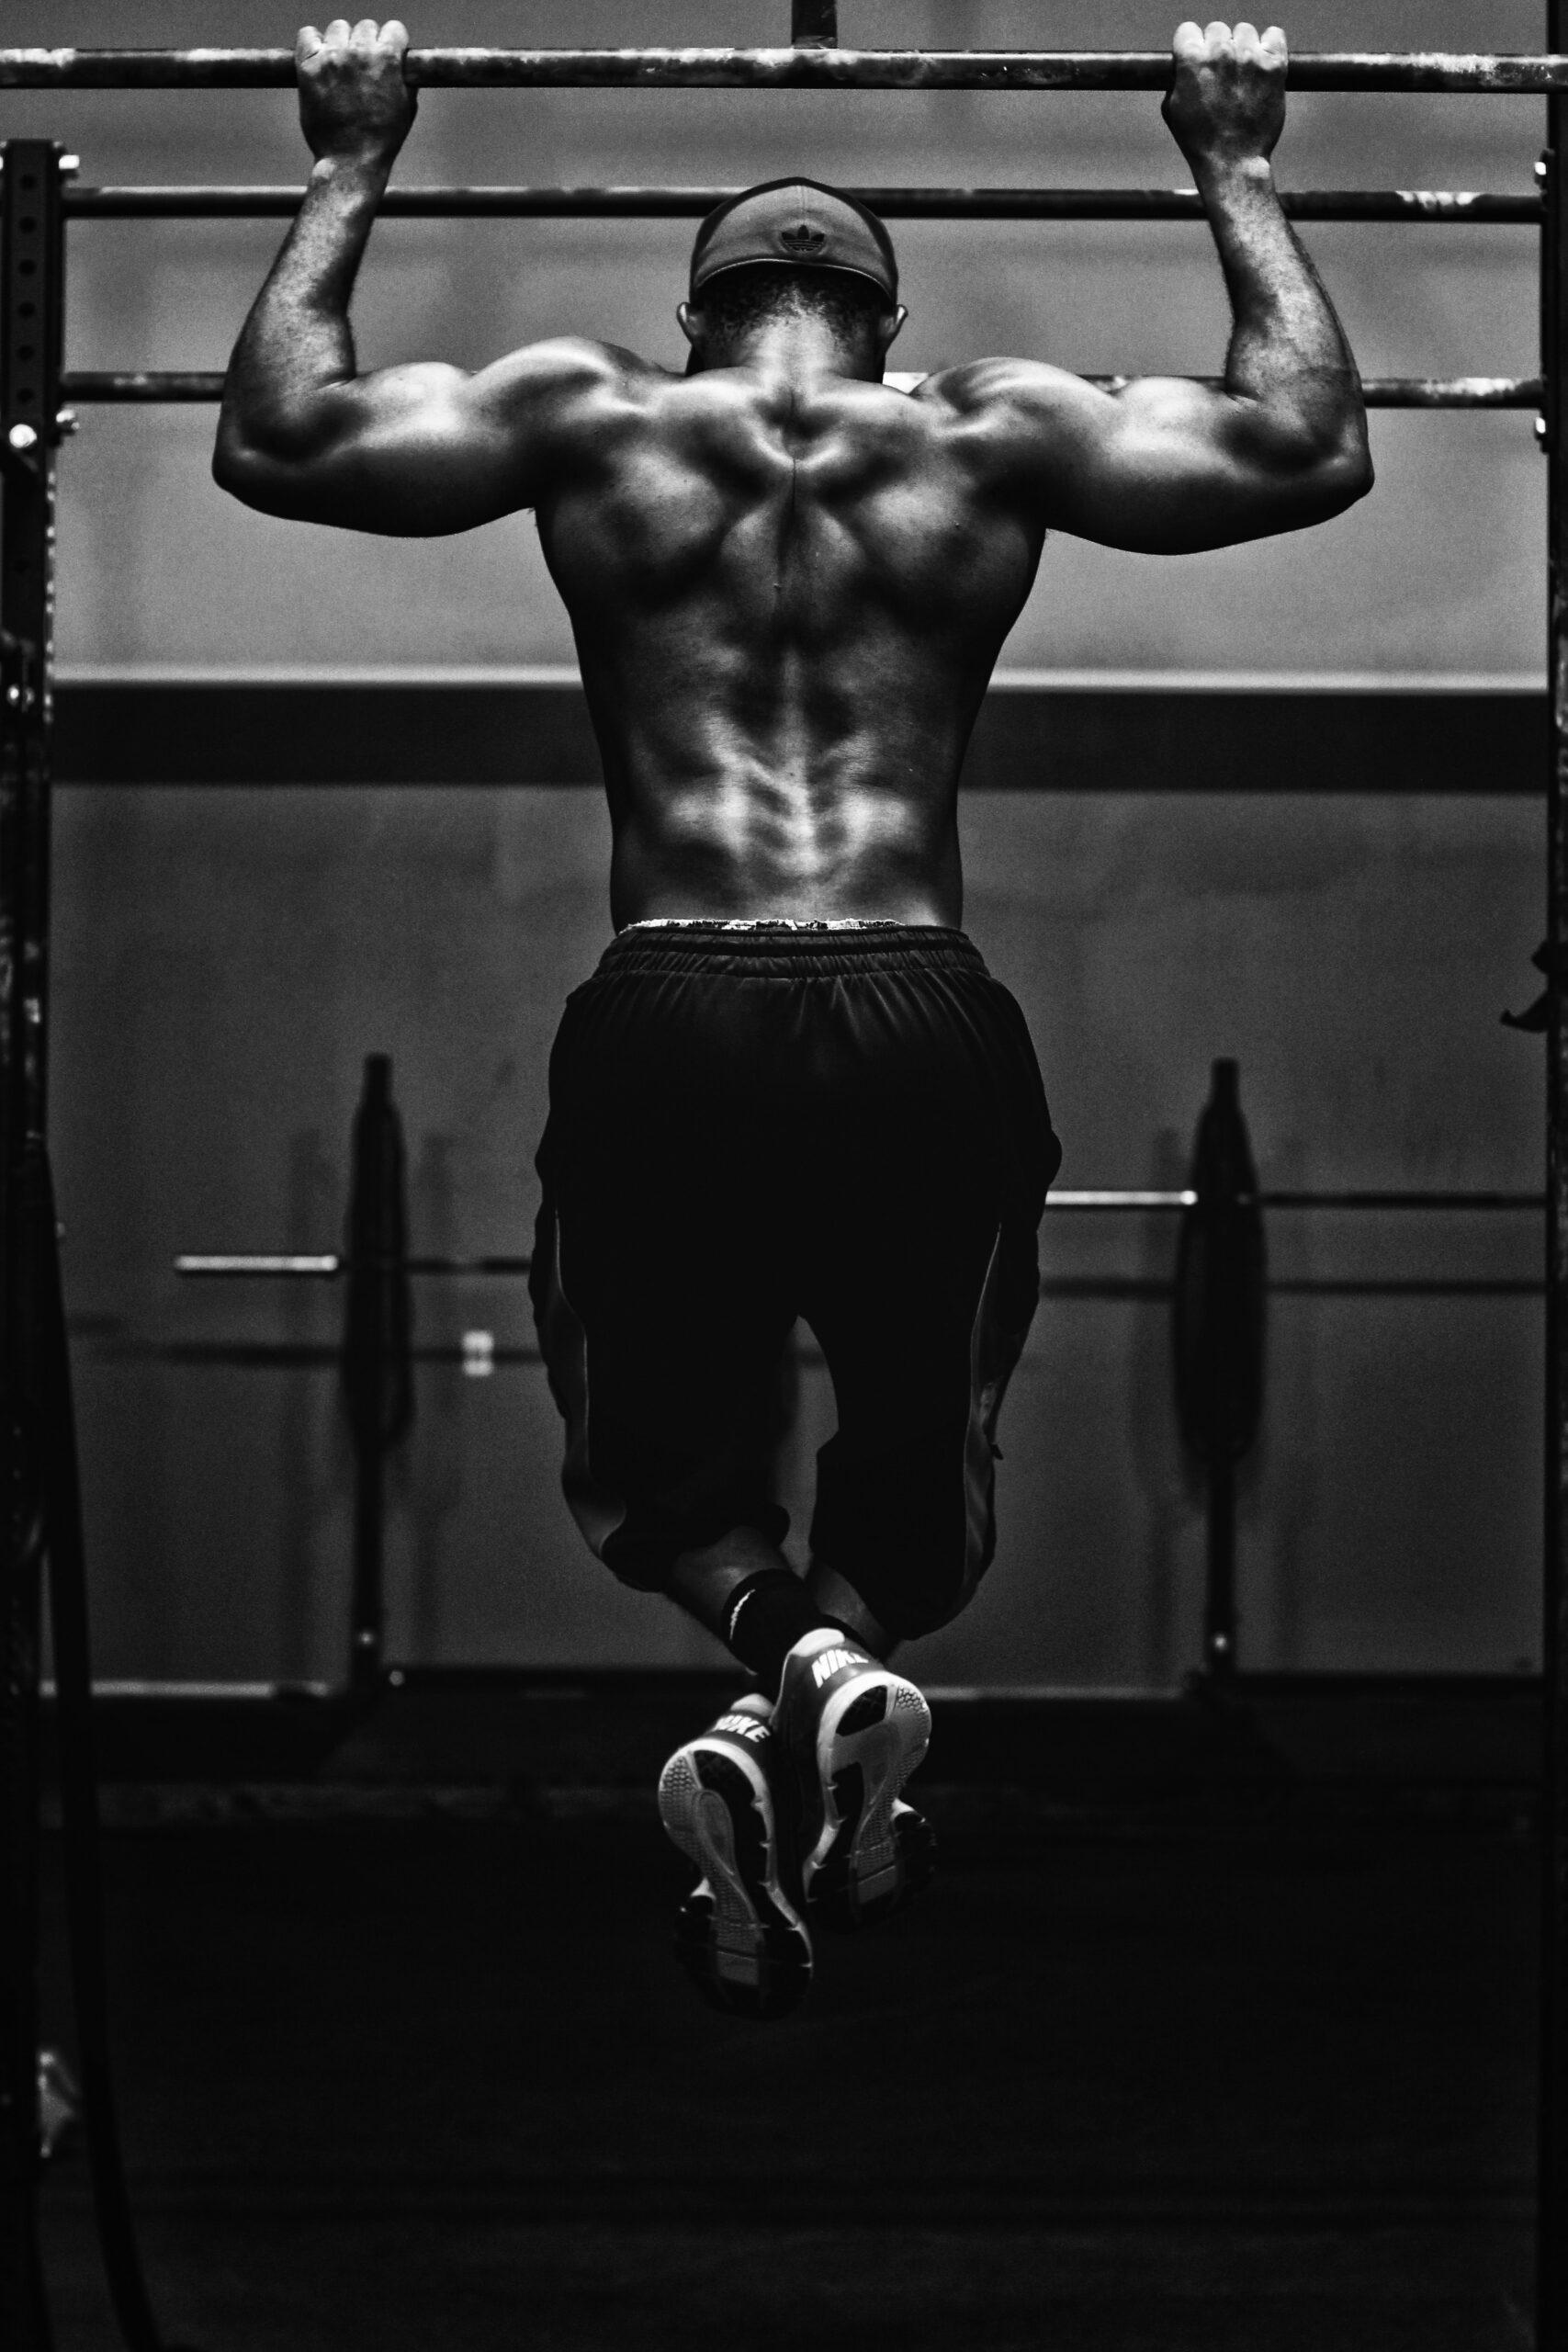 Как правильно питаться для быстрого роста мышц, всего 2 правила